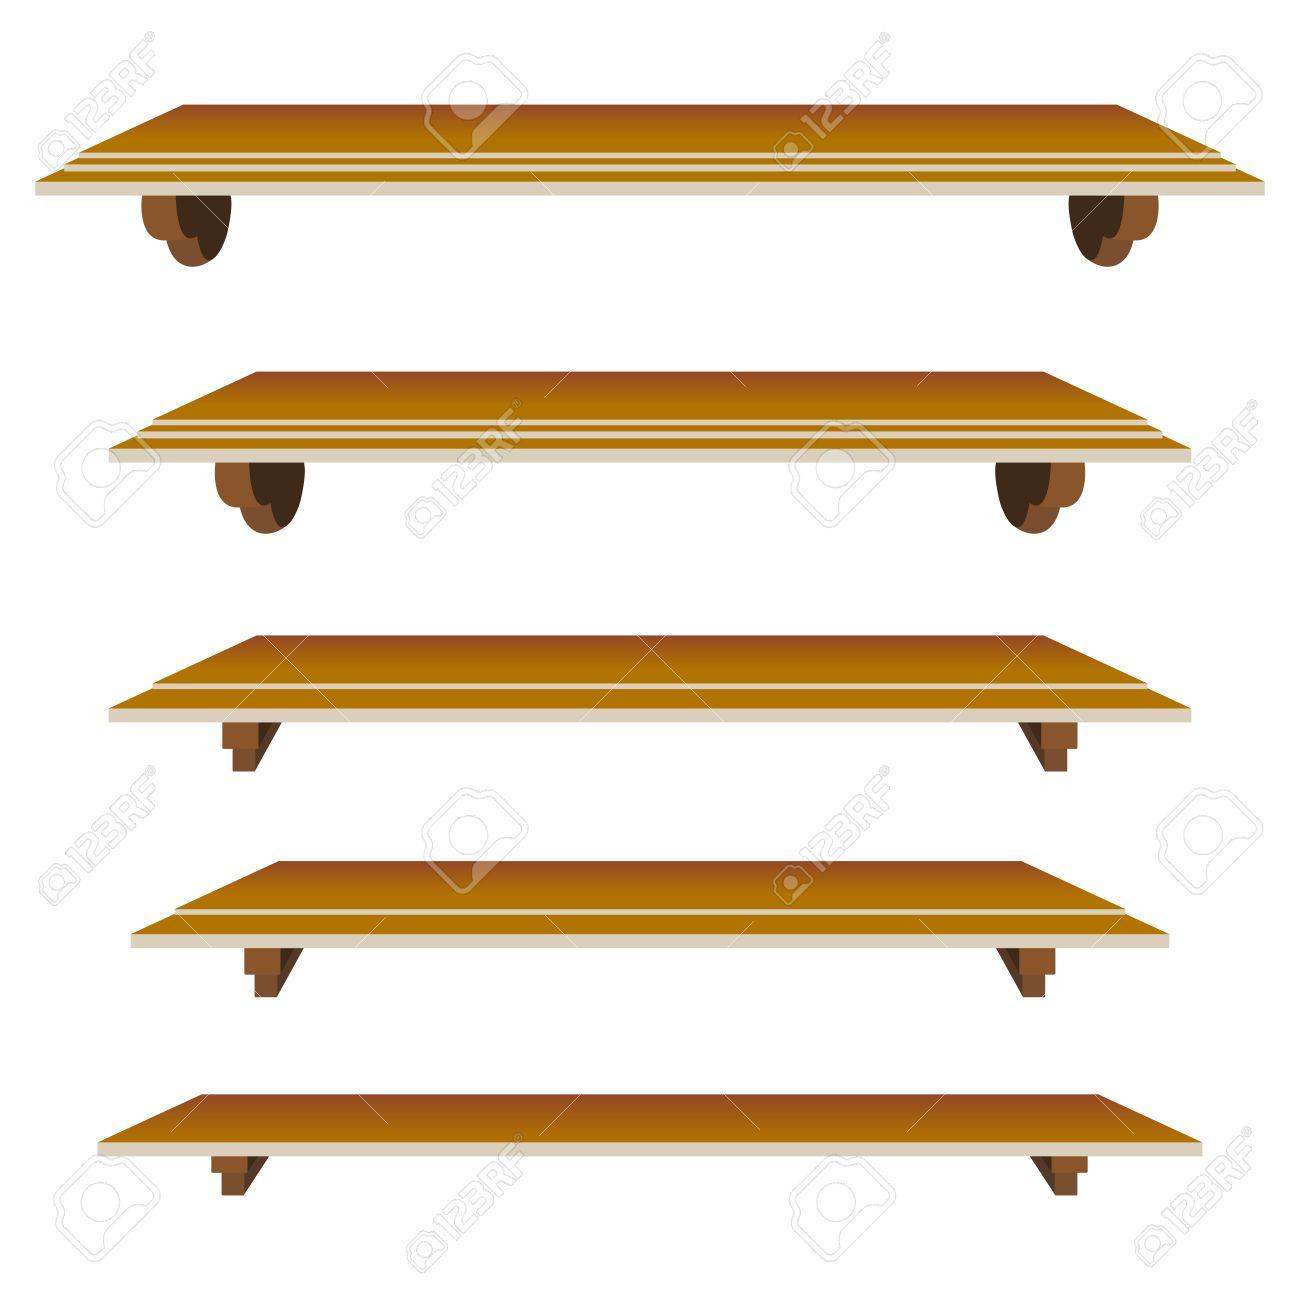 Interior wooden shelves free vector - Bookshelf Set Of Shelfs In Mode For Decor